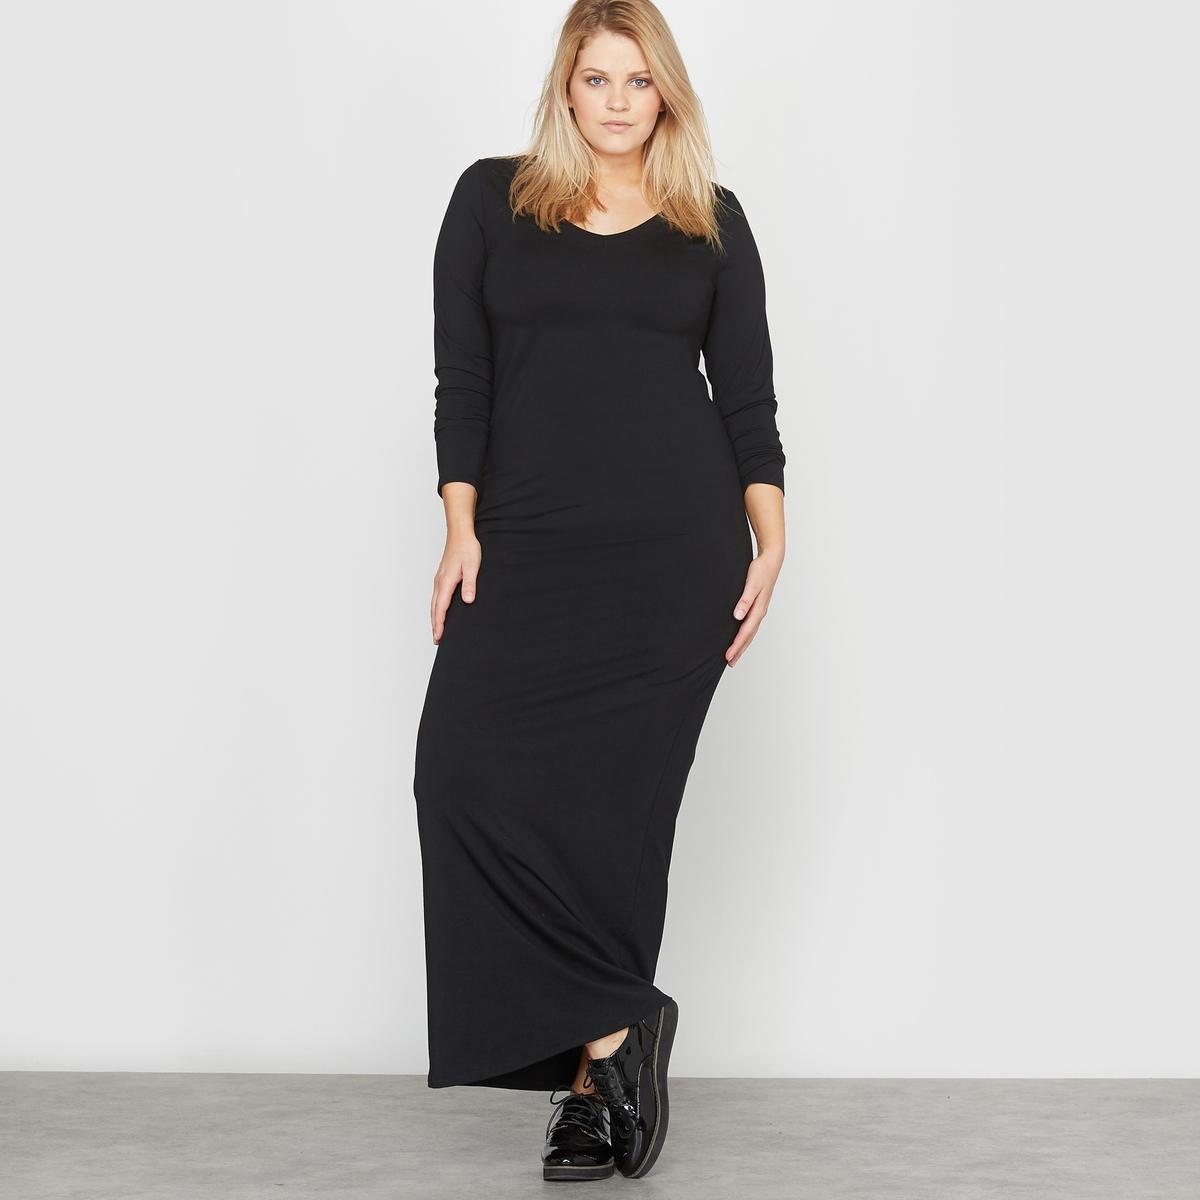 Платье длинное трикотажноеСостав и описание:Материал: очень мягкий и качественный струящийся  трикотаж, 48% хлопка, 48% модала, 4% эластана.Длина: 146 см.Марка: CASTALUNA.Уход:Машинная стирка при 30°.<br><br>Цвет: черный